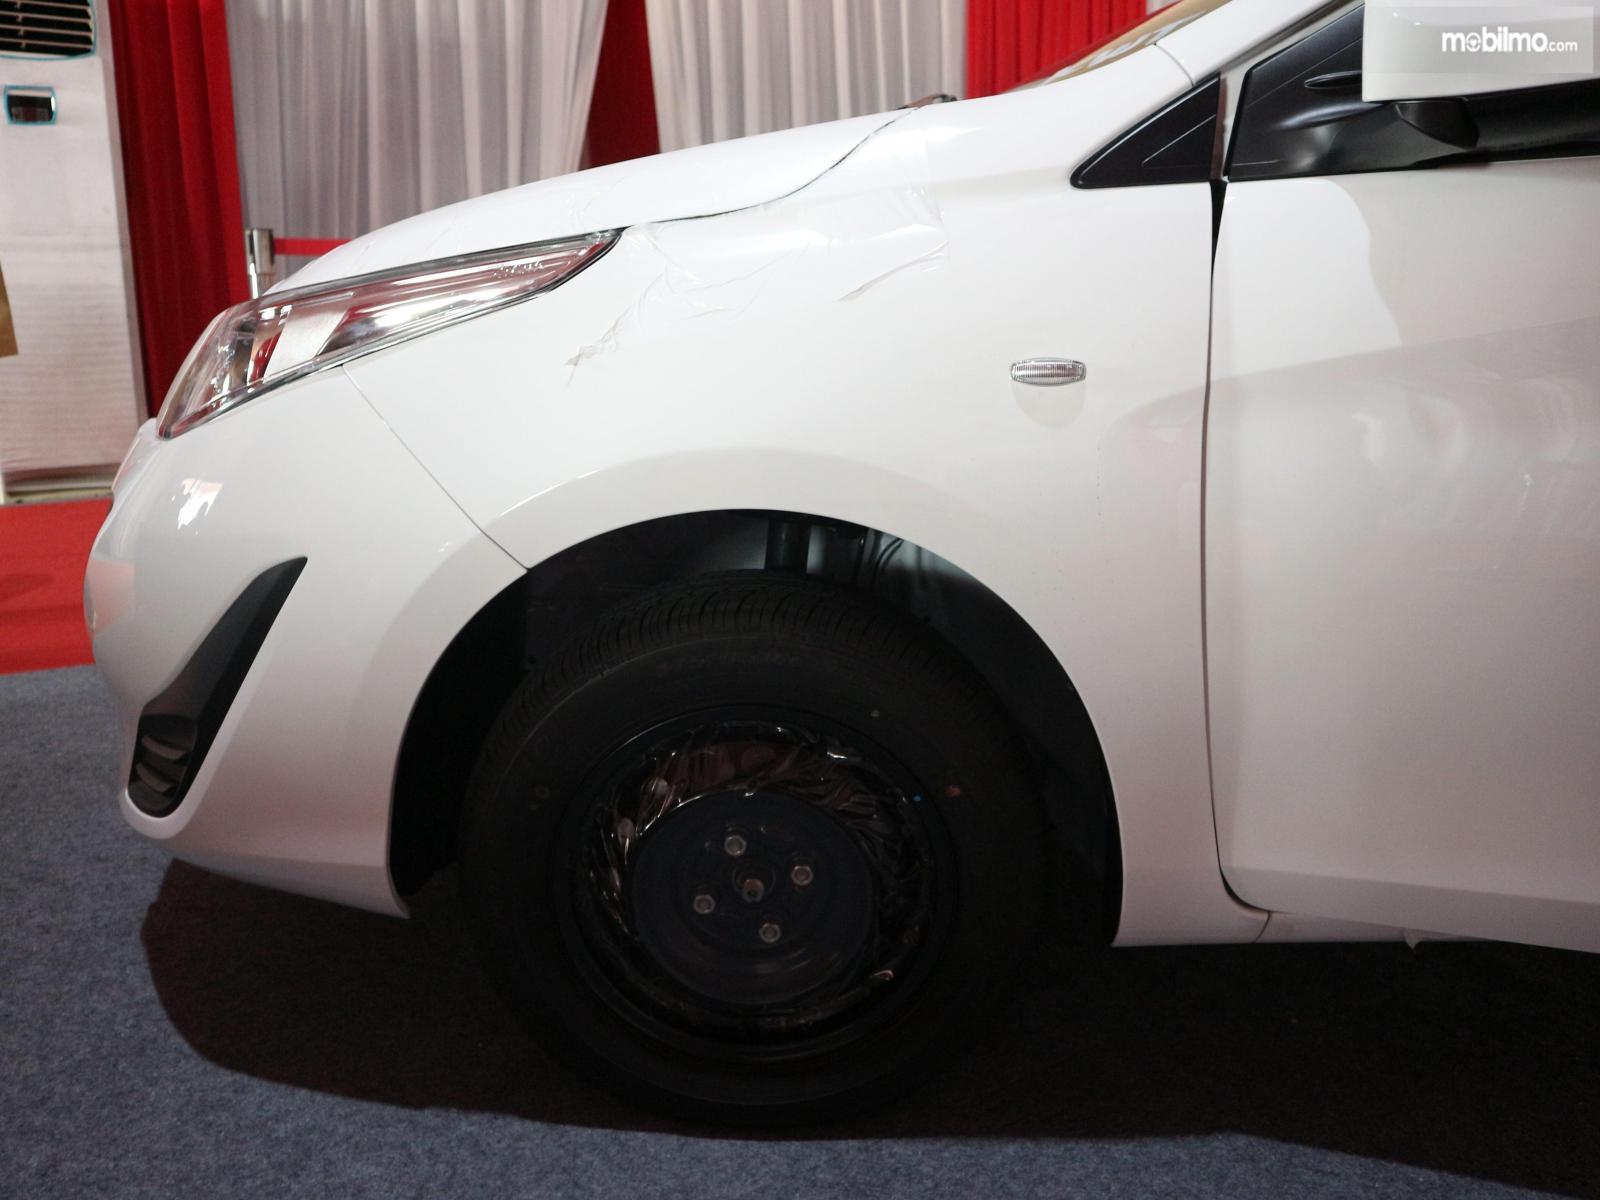 Gambar menunjukkan Pelek dan ban sebuah Toyota Vios 2019 Versi Ekspor